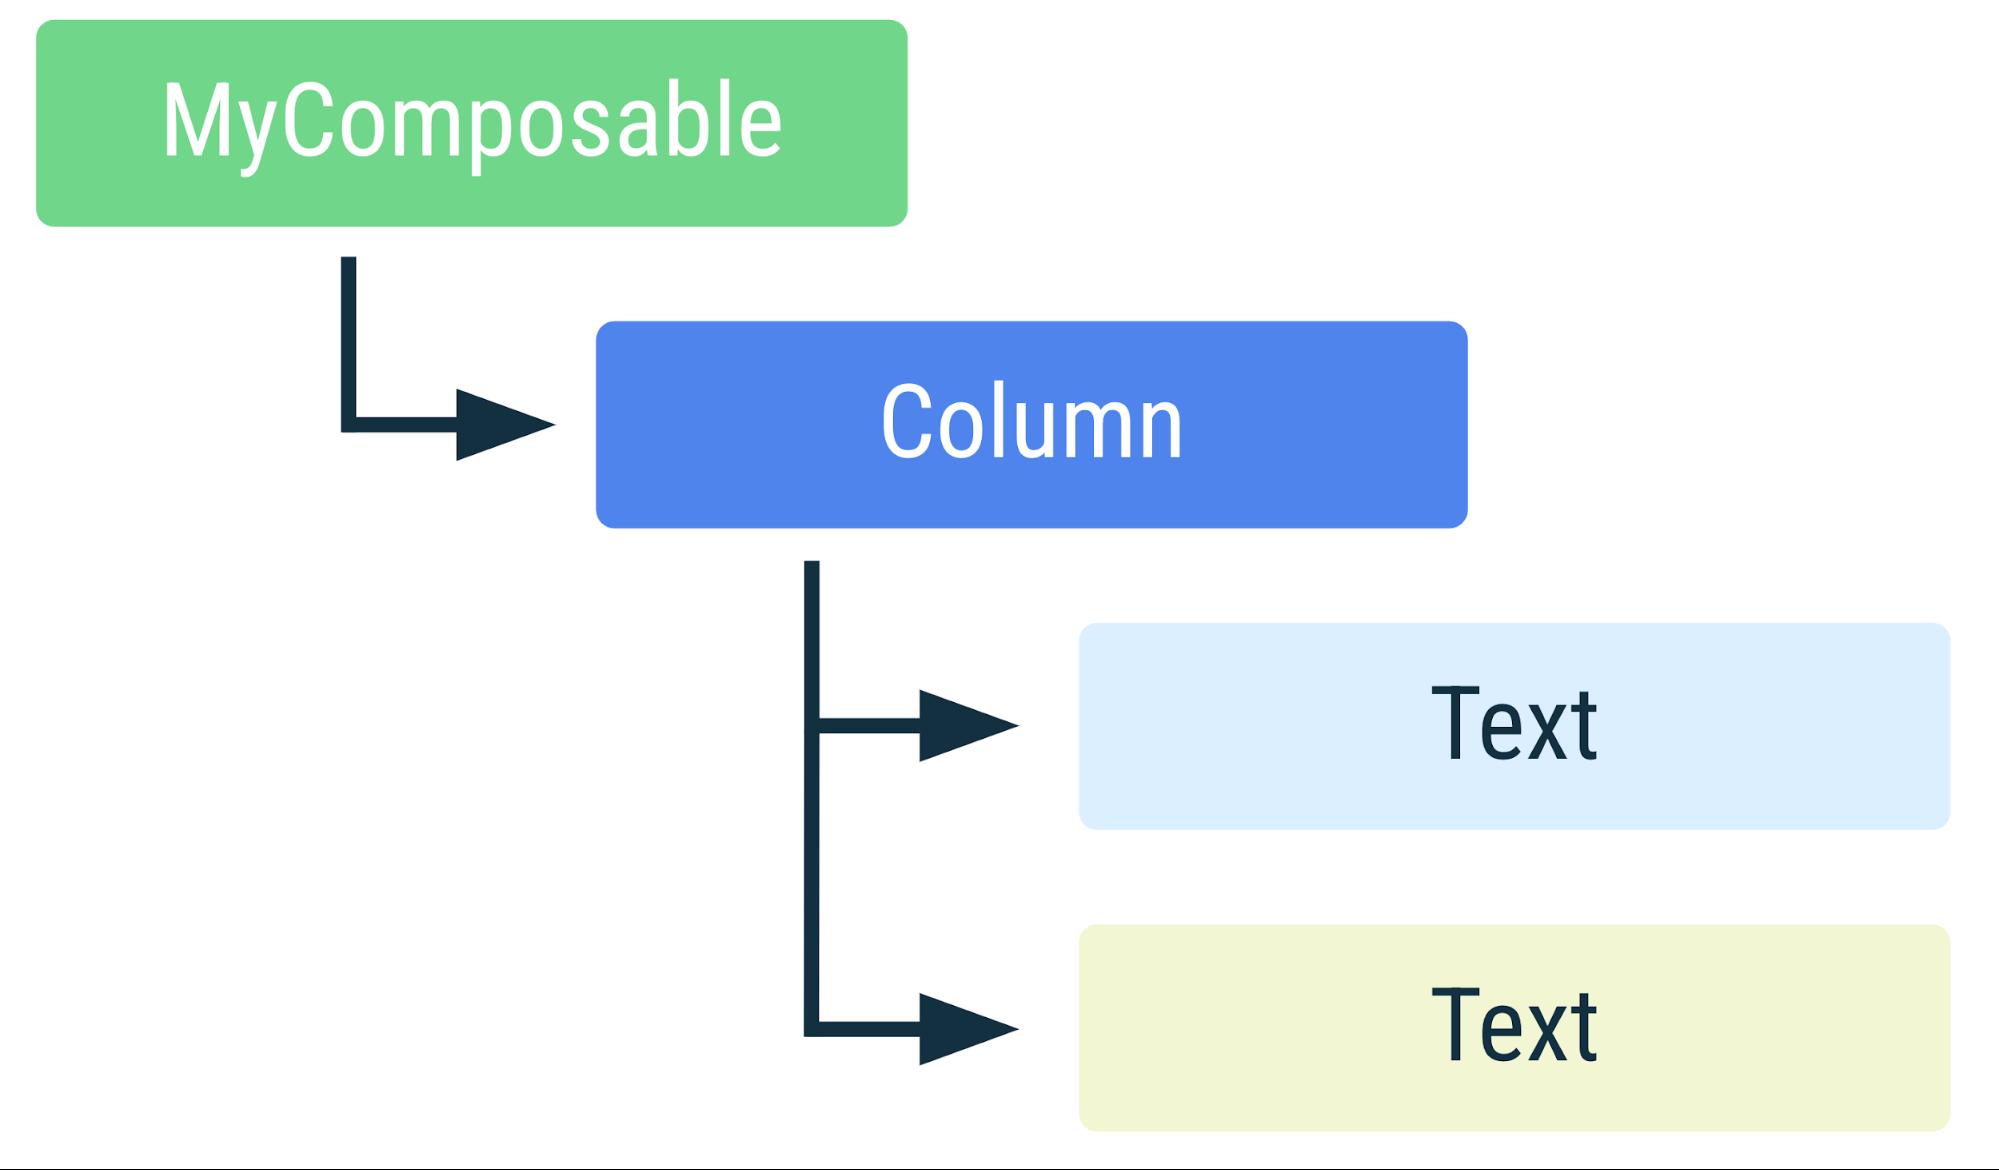 Diagrama que muestra la disposición jerárquica de los elementos en el fragmento de código anterior